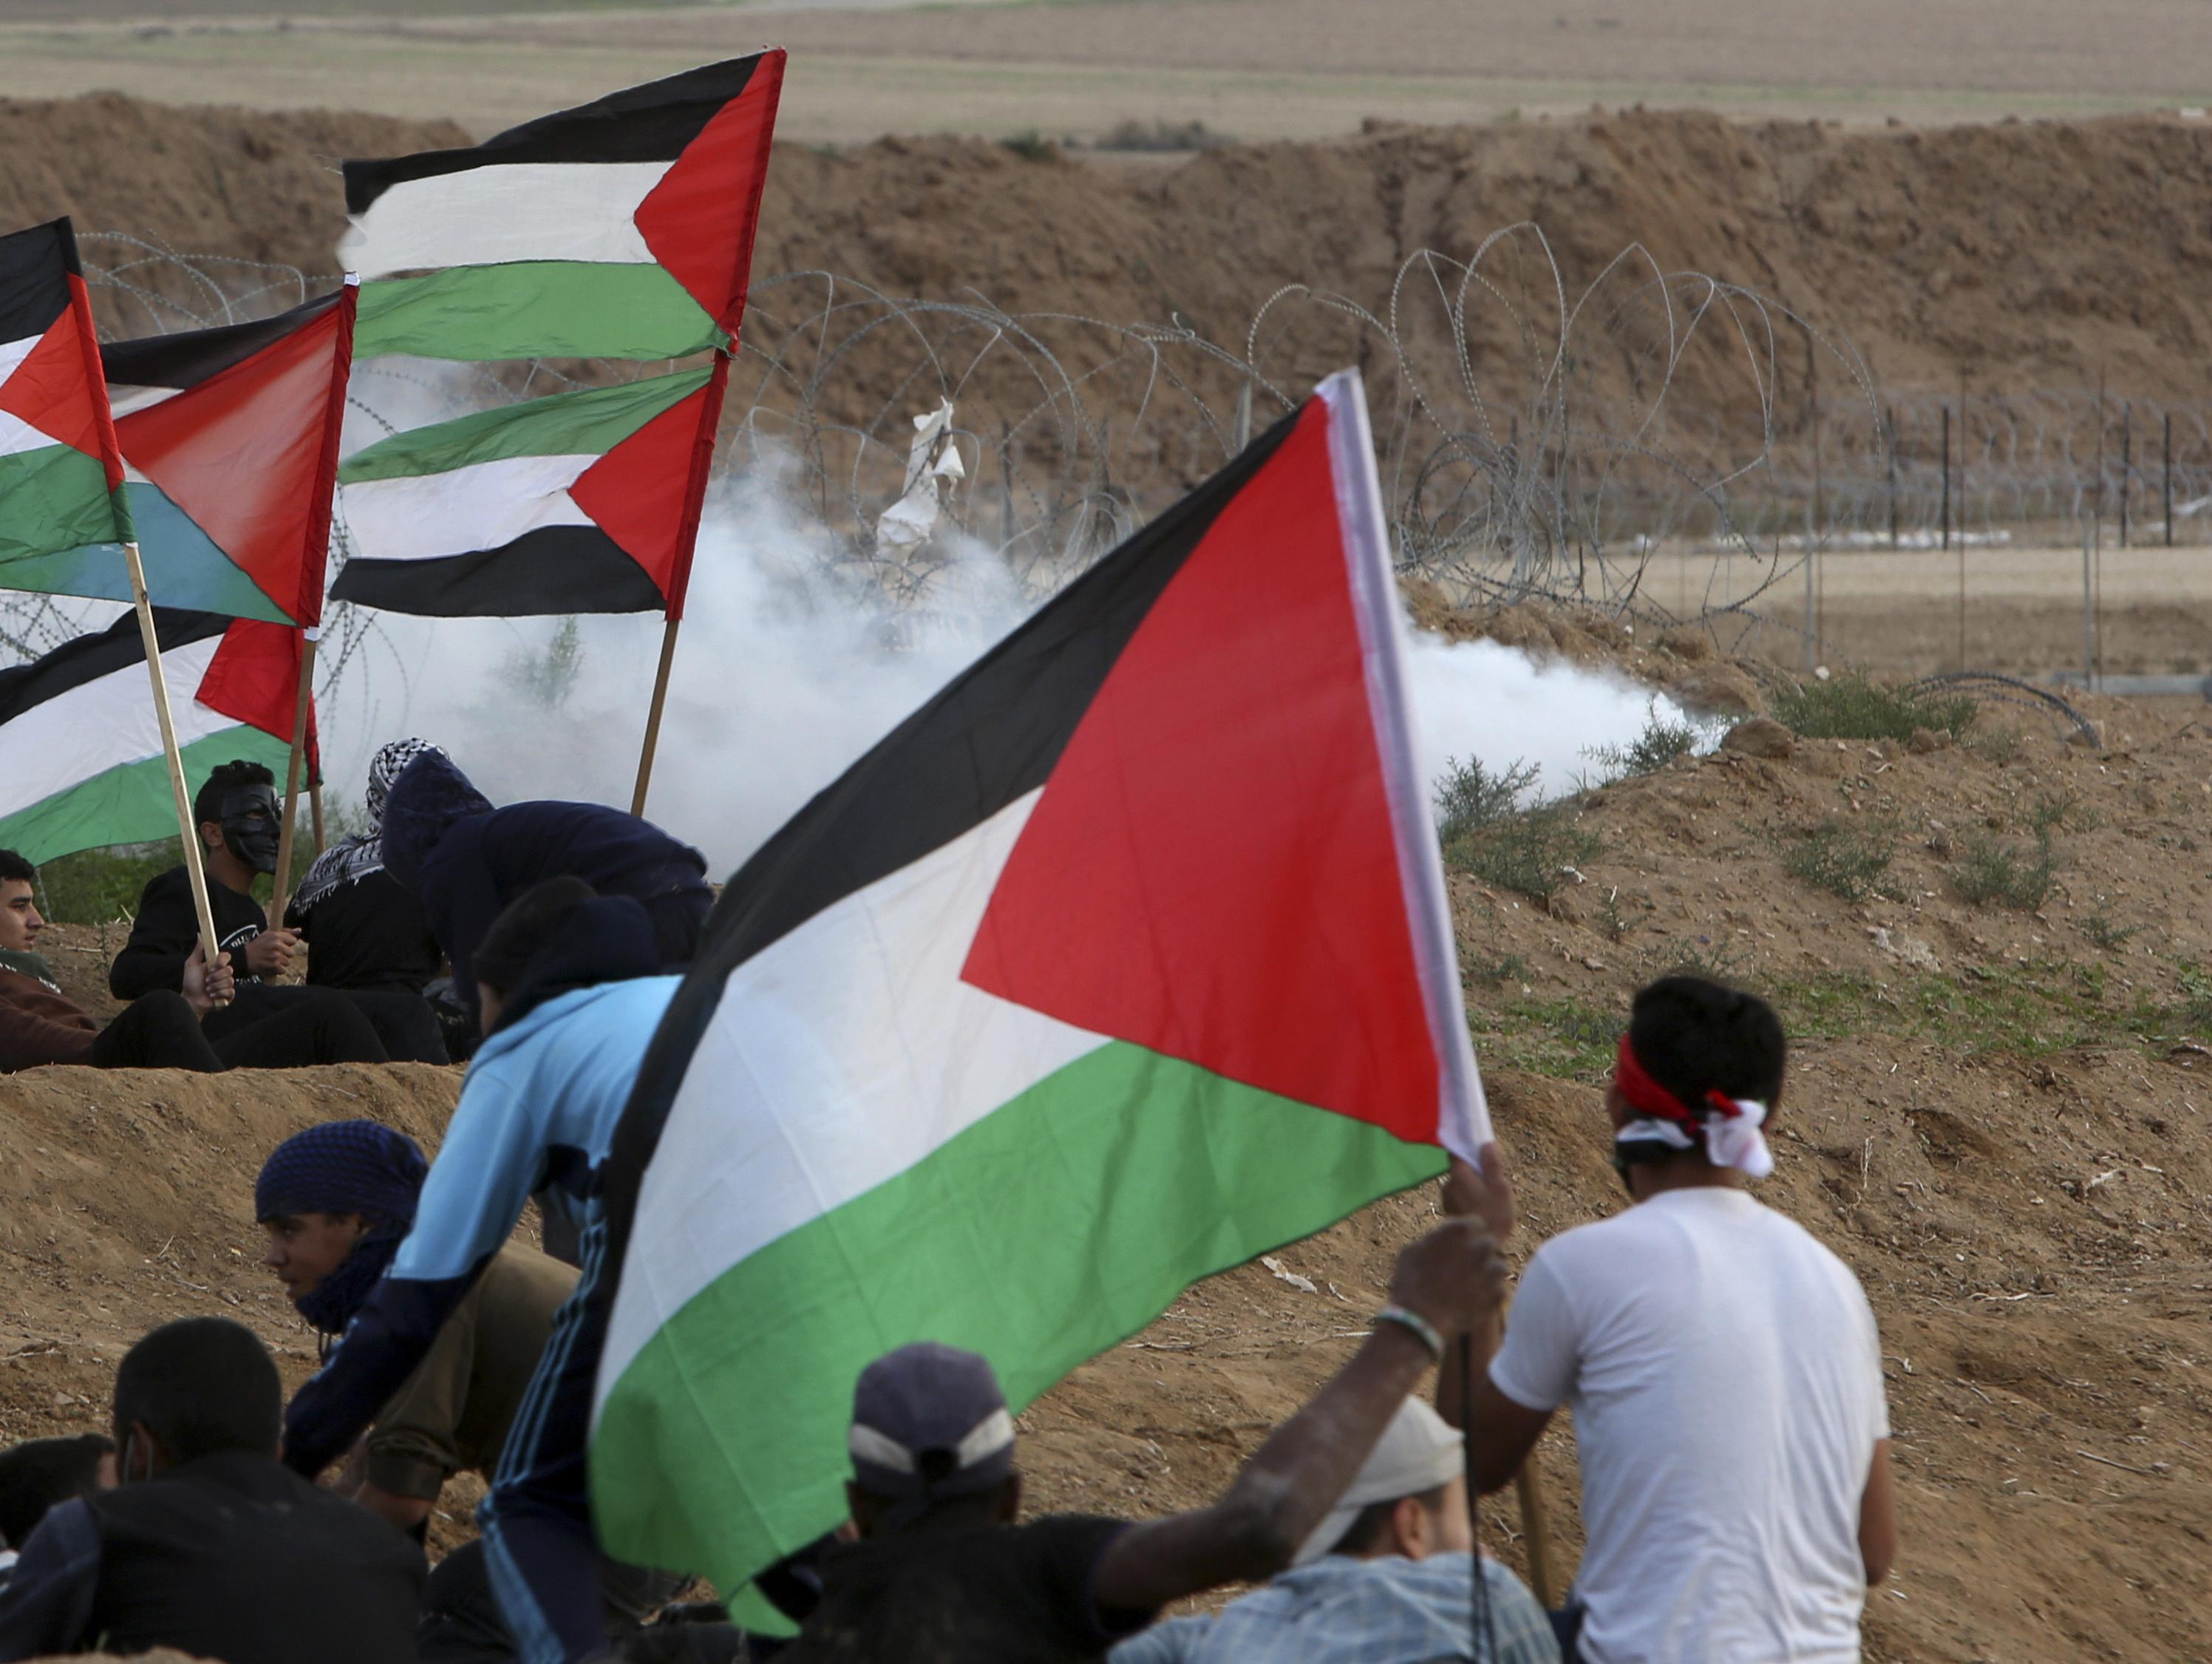 דילמת עזה: חבית חומר הנפץ שתסבך את ישראל בהסלמה הבאה